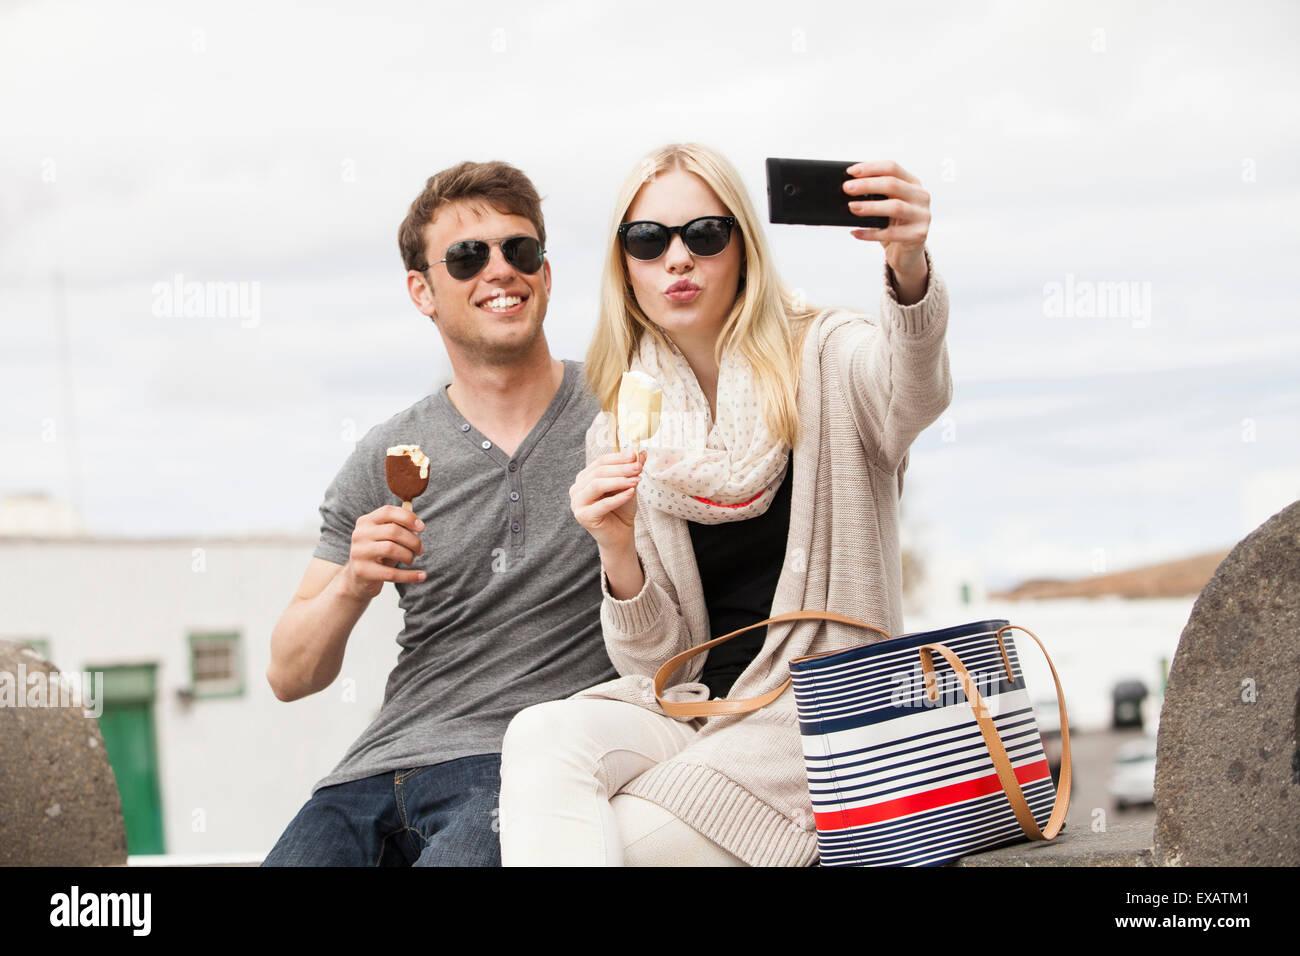 Jeune couple pousses selfies dans la ville Photo Stock